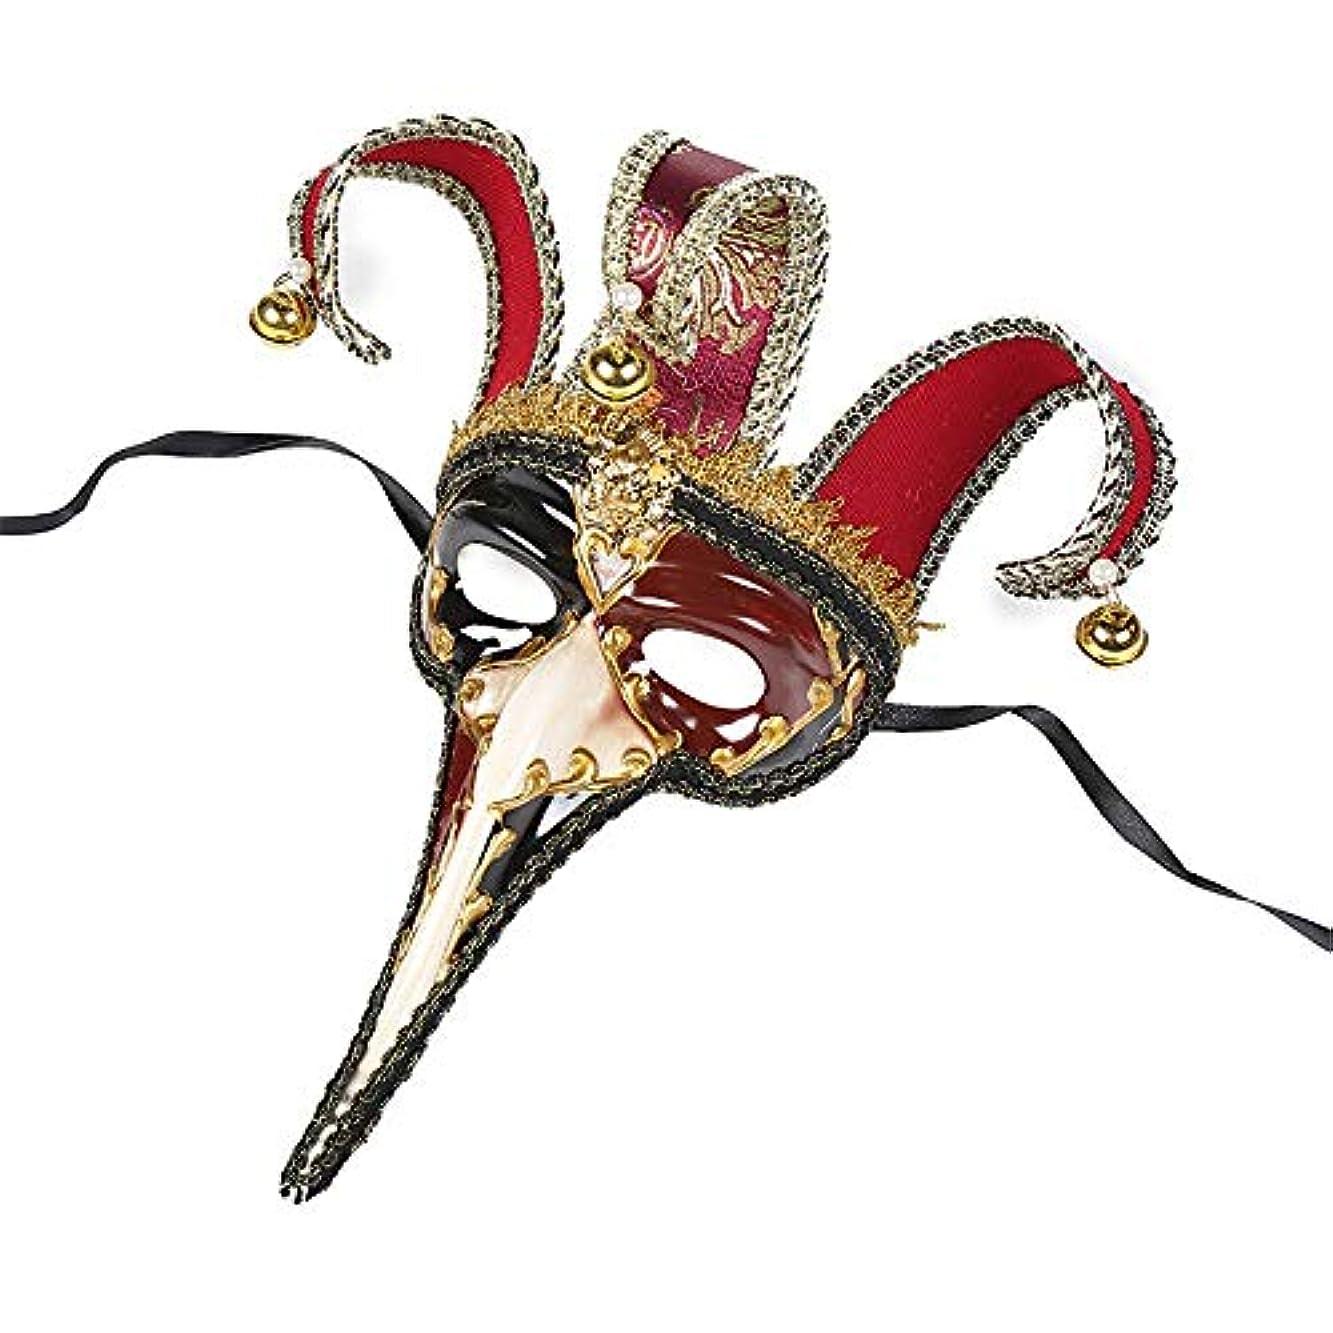 シャツ未来冬ダンスマスク ハーフフェイス鼻フラミンゴハロウィーン仮装雰囲気クリスマスフェスティバルロールプレイングプラスチックマスク ホリデーパーティー用品 (色 : 赤, サイズ : 42x15cm)